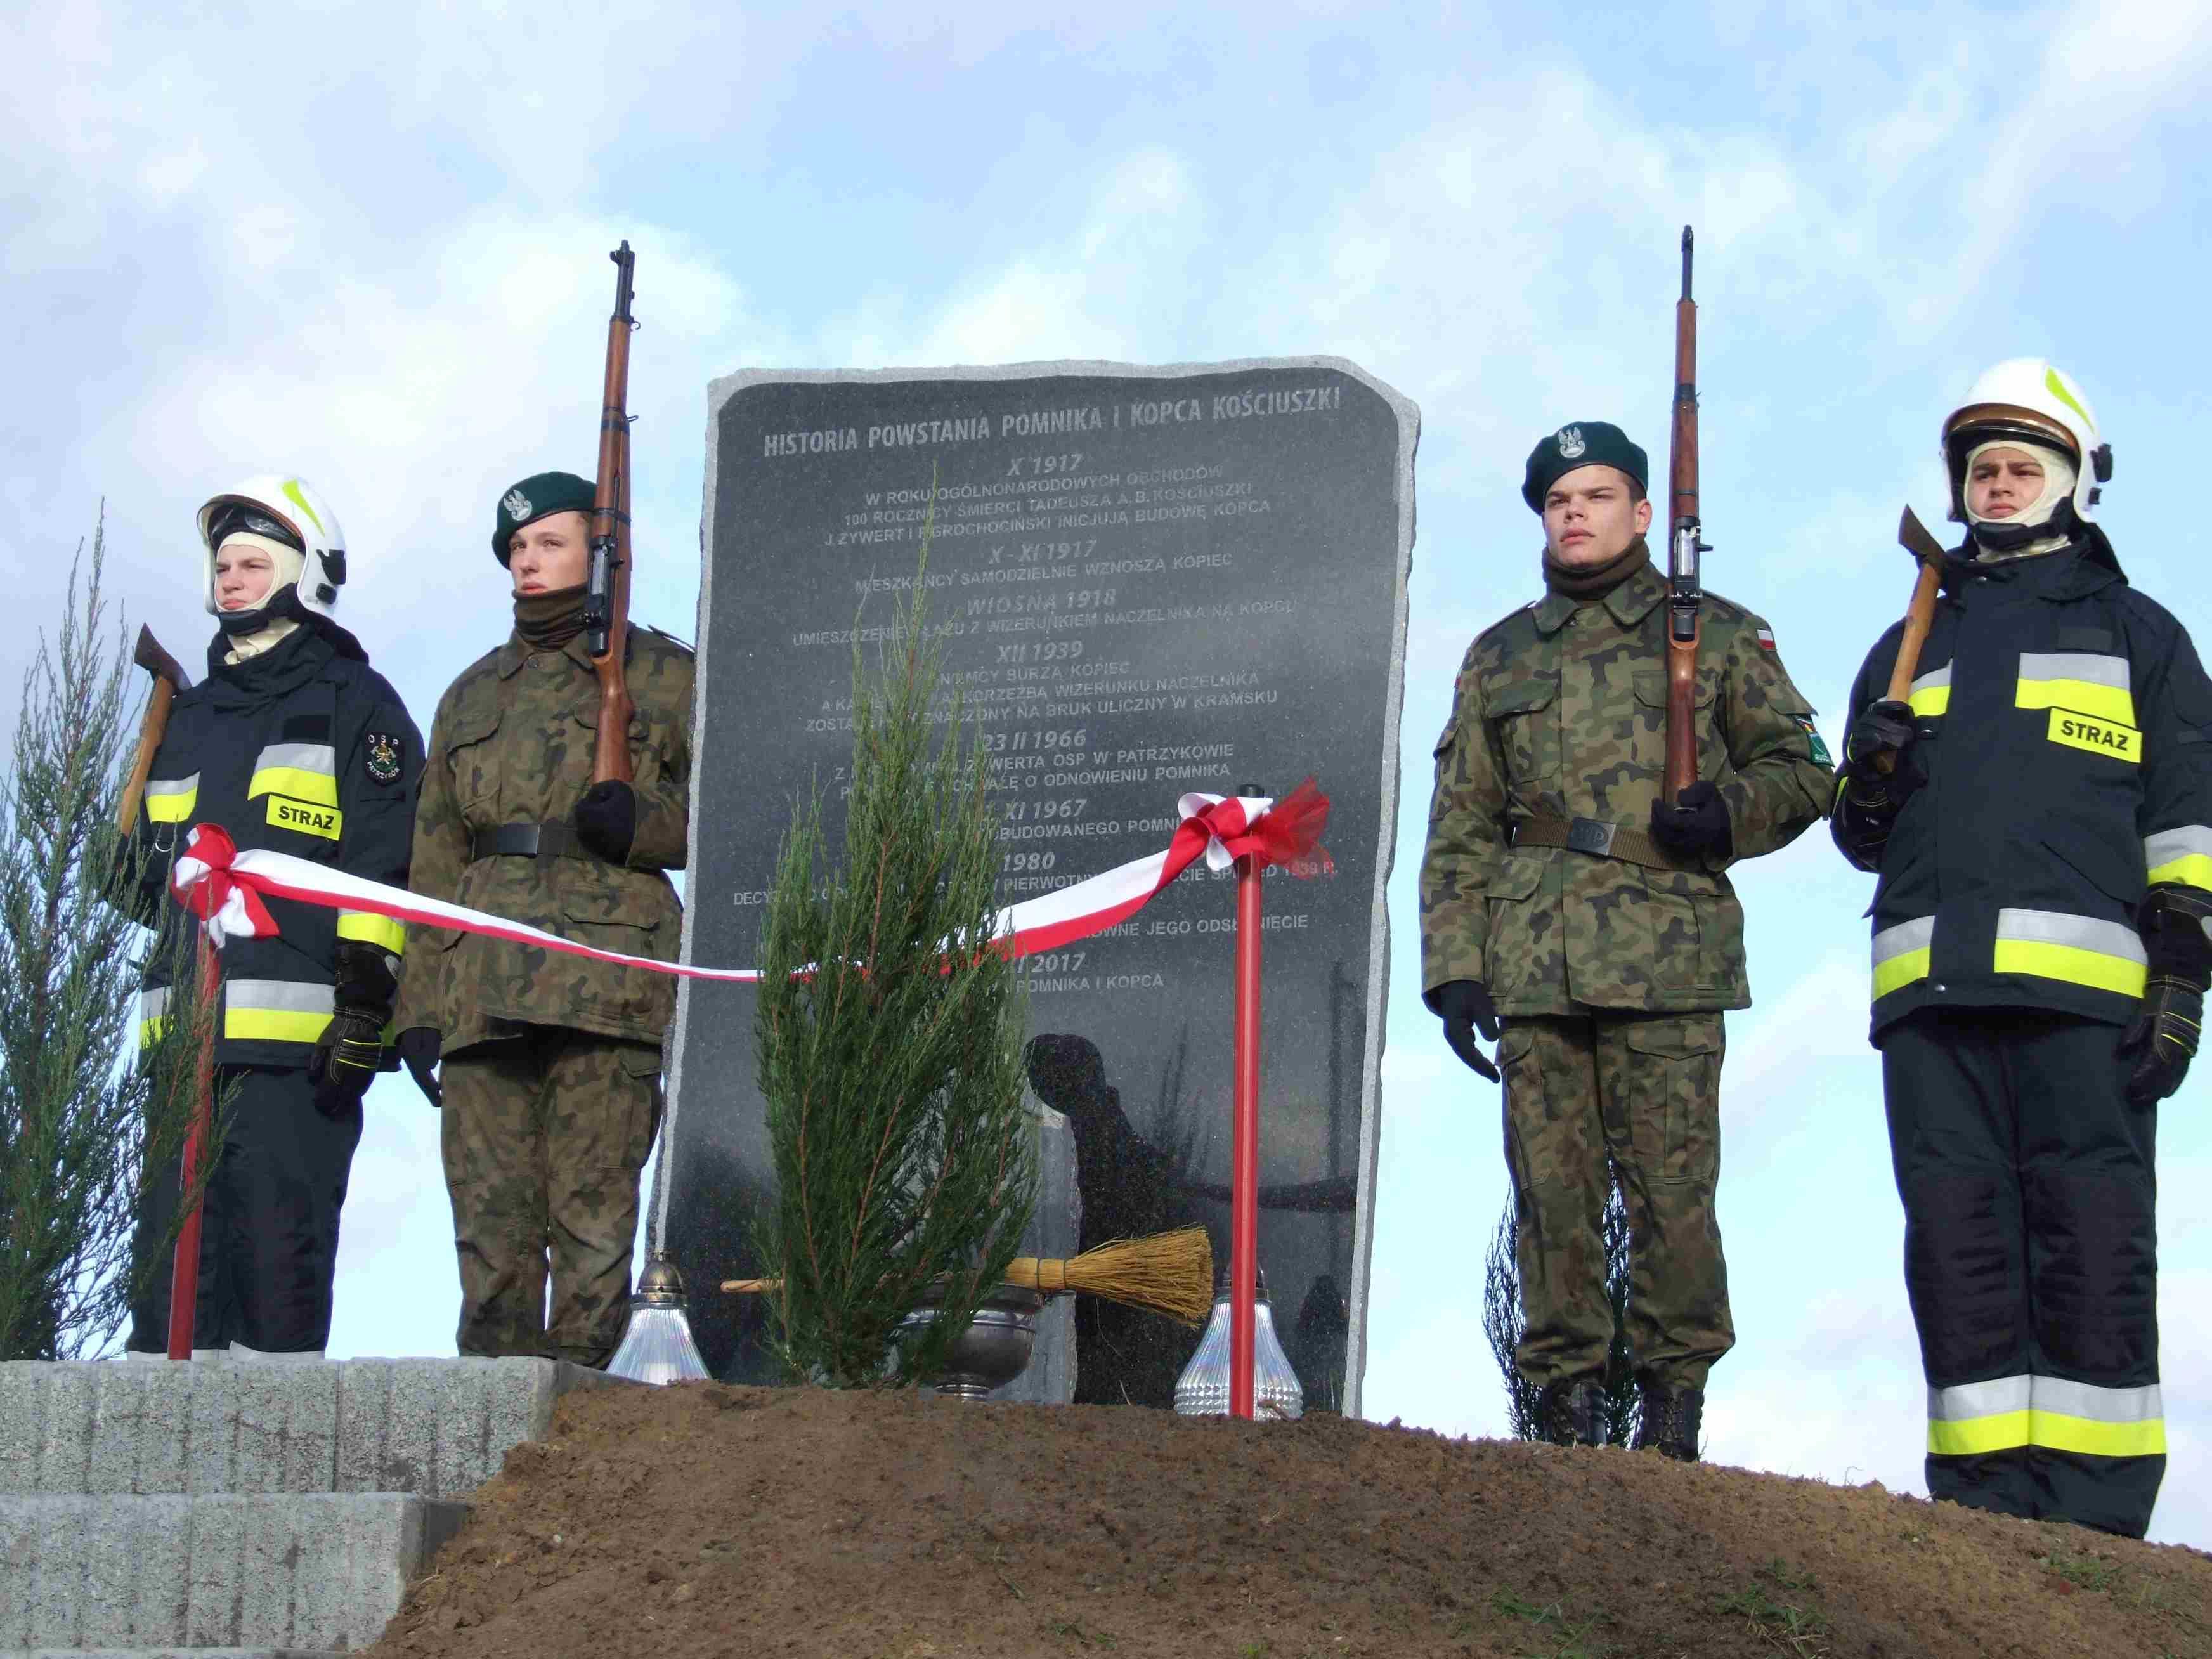 Święto Niepodległości przy Kopcu Kościuszki - Aleksandra Braciszewska-Benkahla